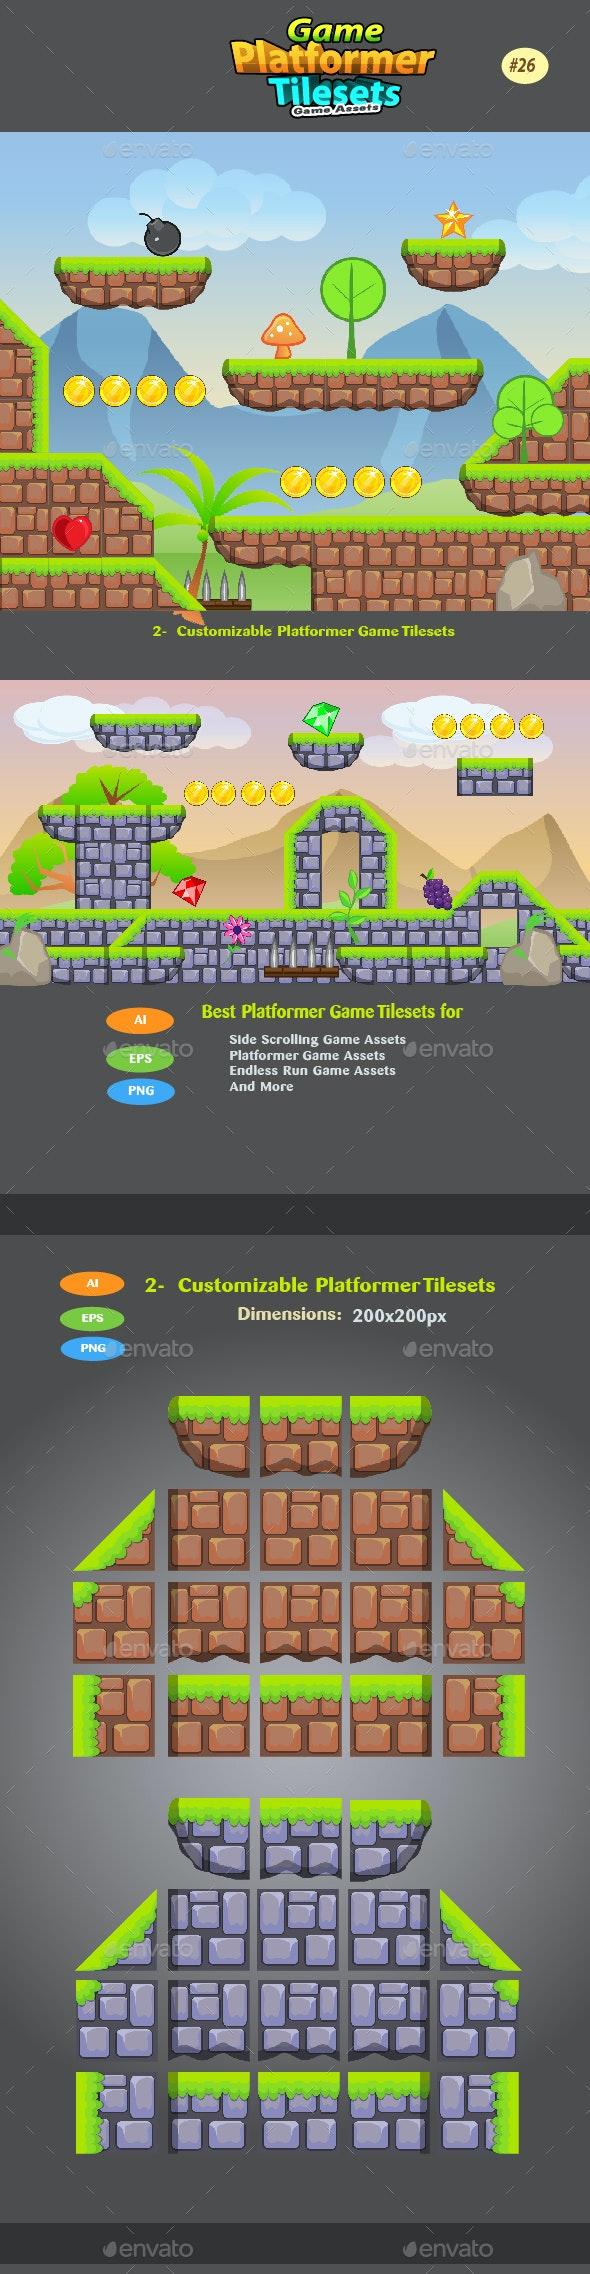 2D Game Platformer Tilesets 26 - Tilesets Game Assets